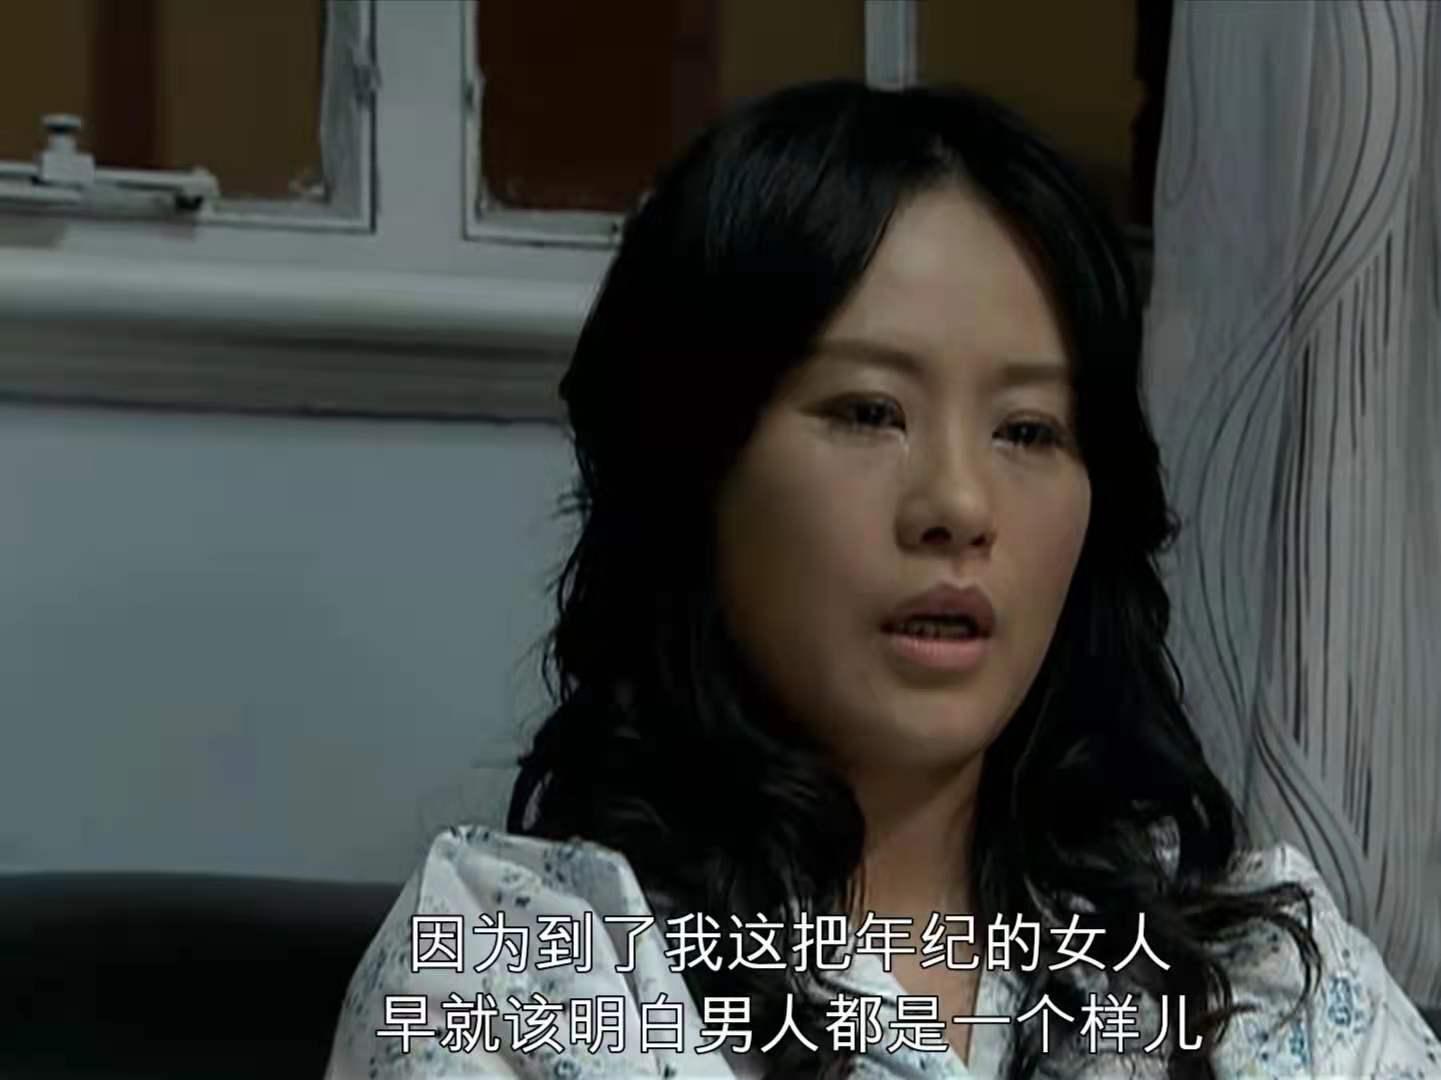 《蜗居》:12年后才品出,宋太太名字的深意,早已揭示了她的悲剧